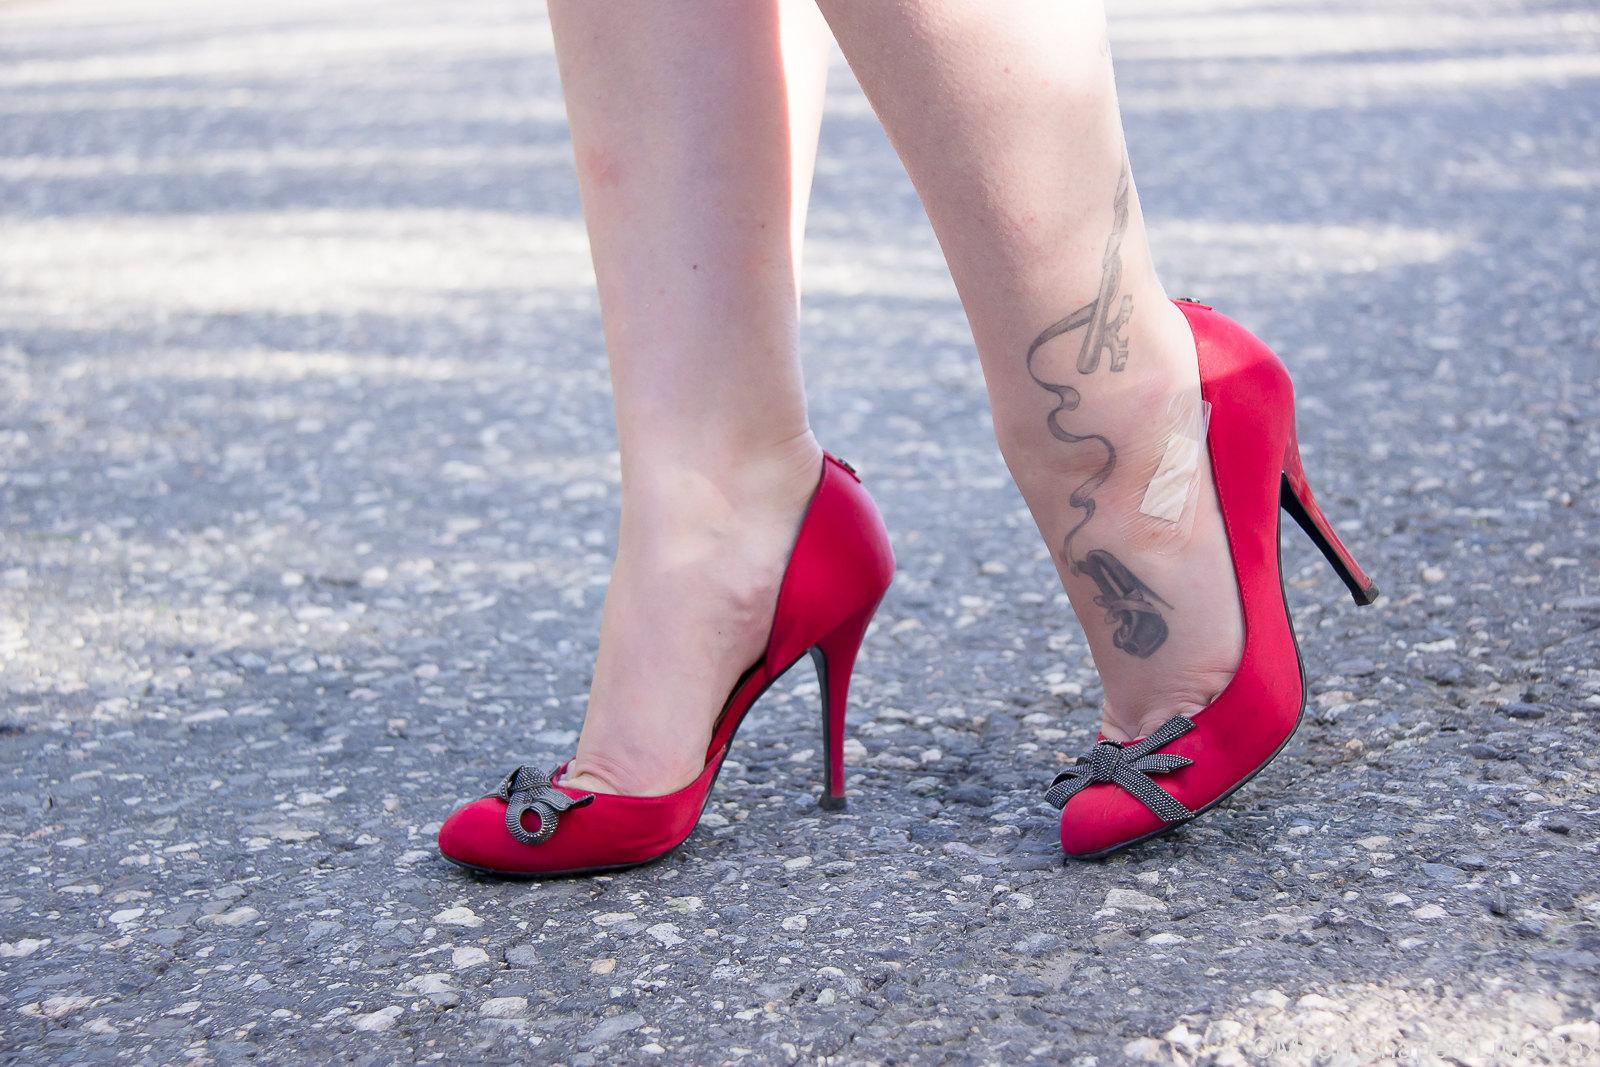 Nilkka tatuointi, tatuointi nilkassa, punaiset satiiniavokkaat, Guessin korkokengät